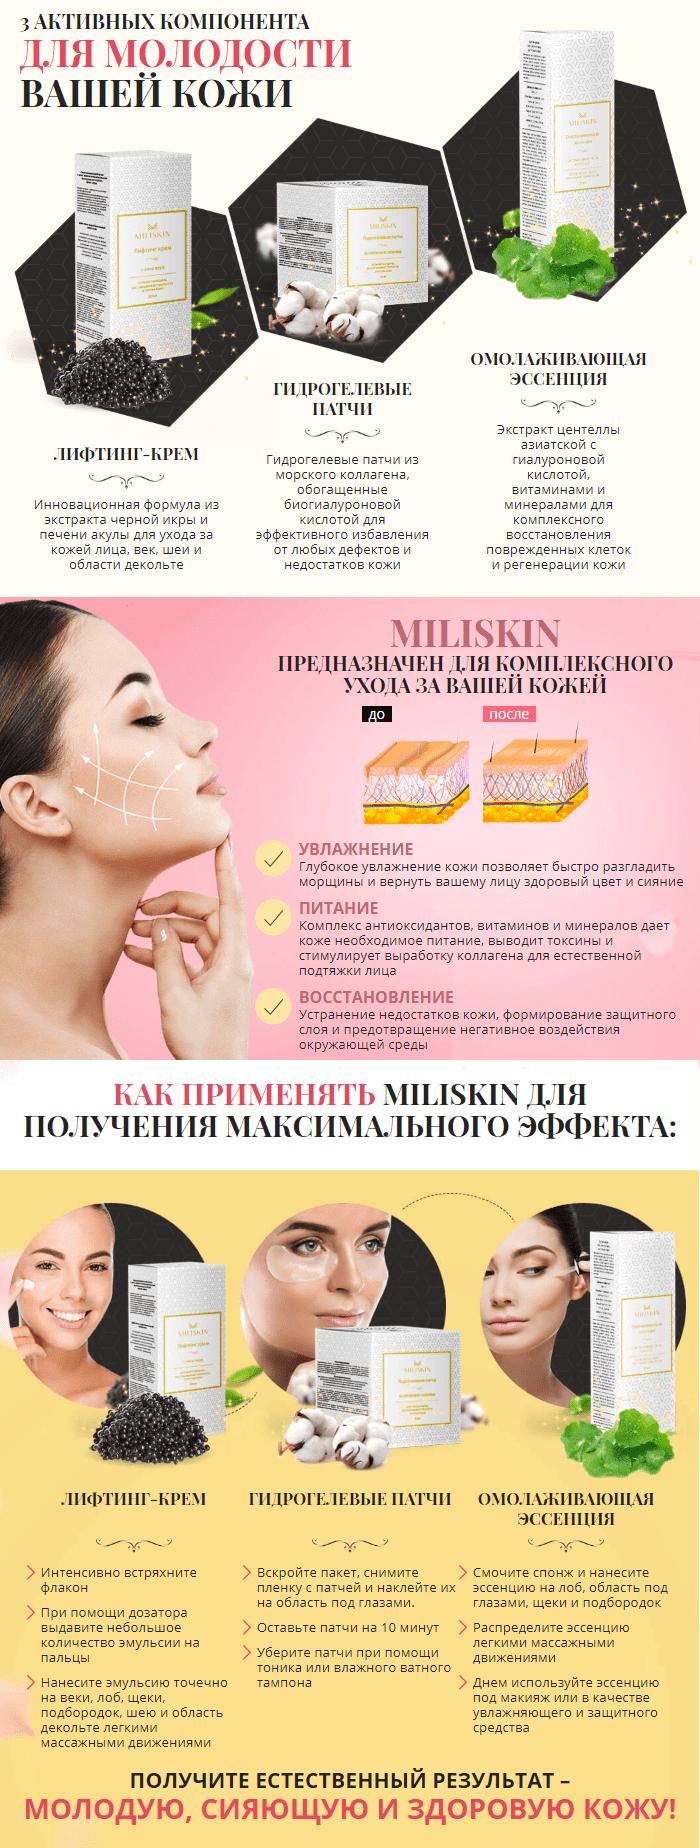 Омолаживающий комплекс для лица Miliskin (Милискин)